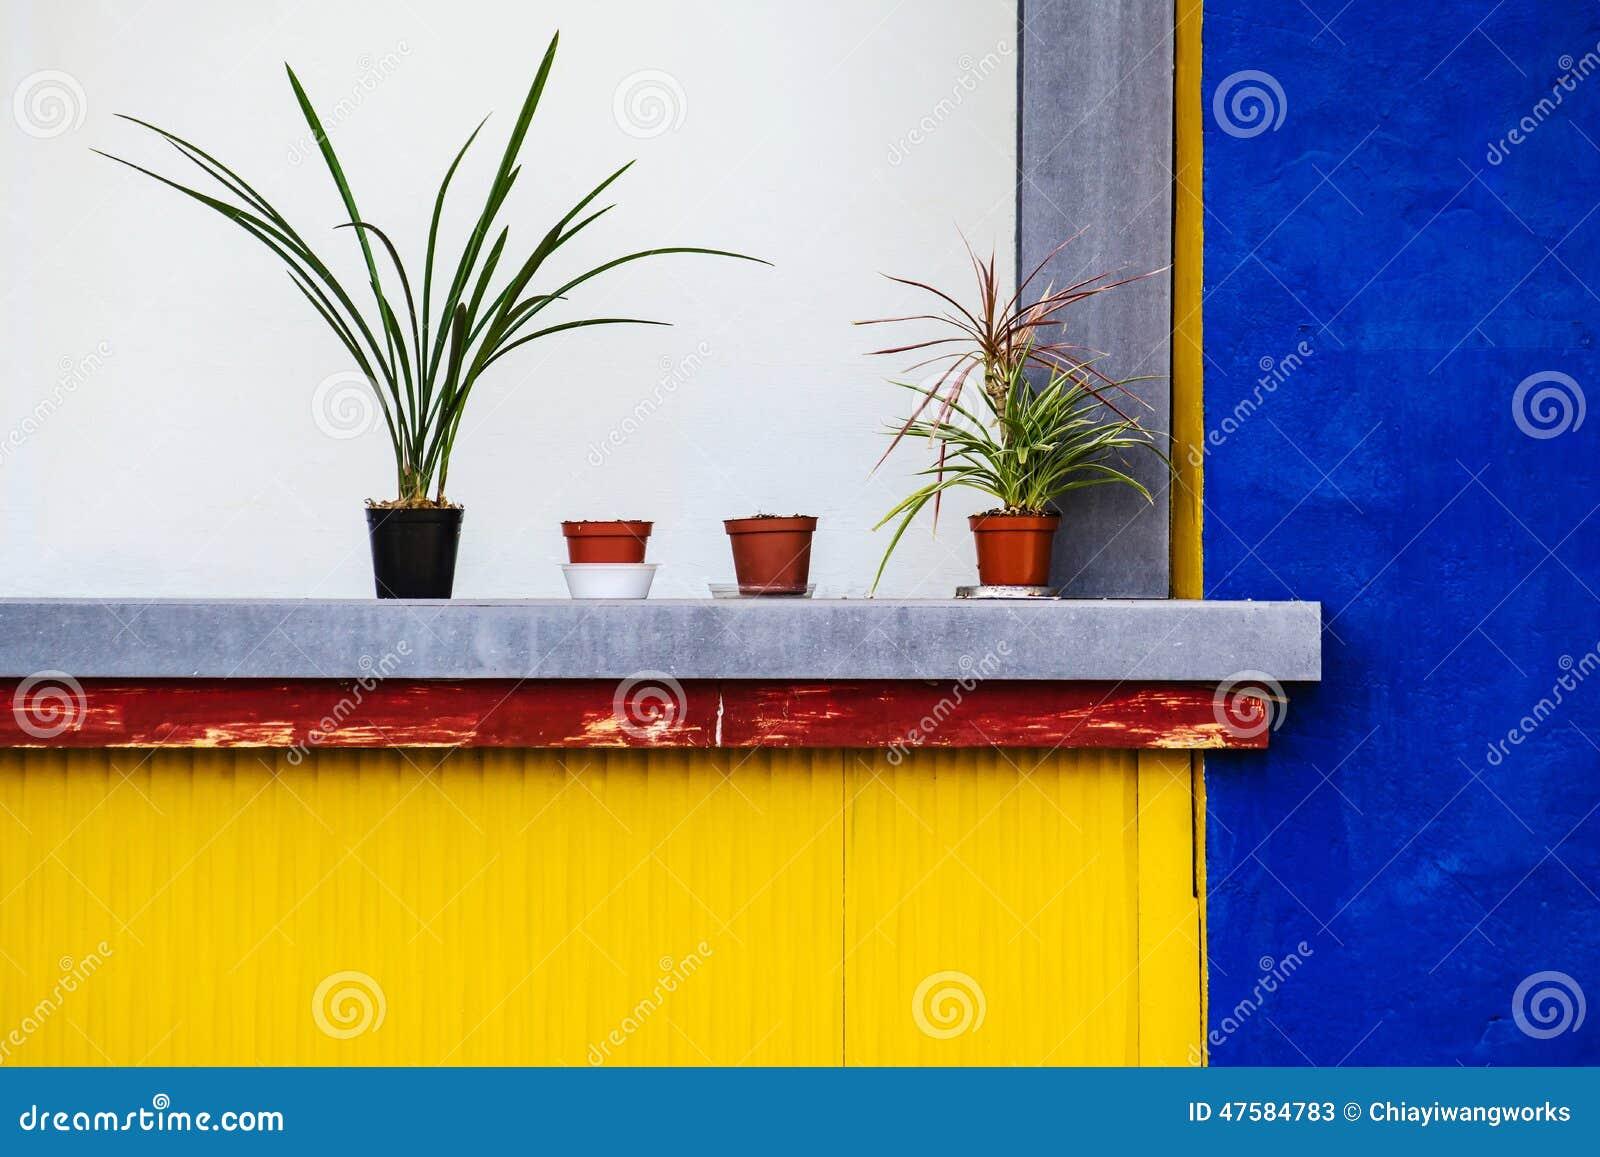 Piante In Vaso Con Le Pareti Colorate Fotografia Stock - Immagine: 47584783